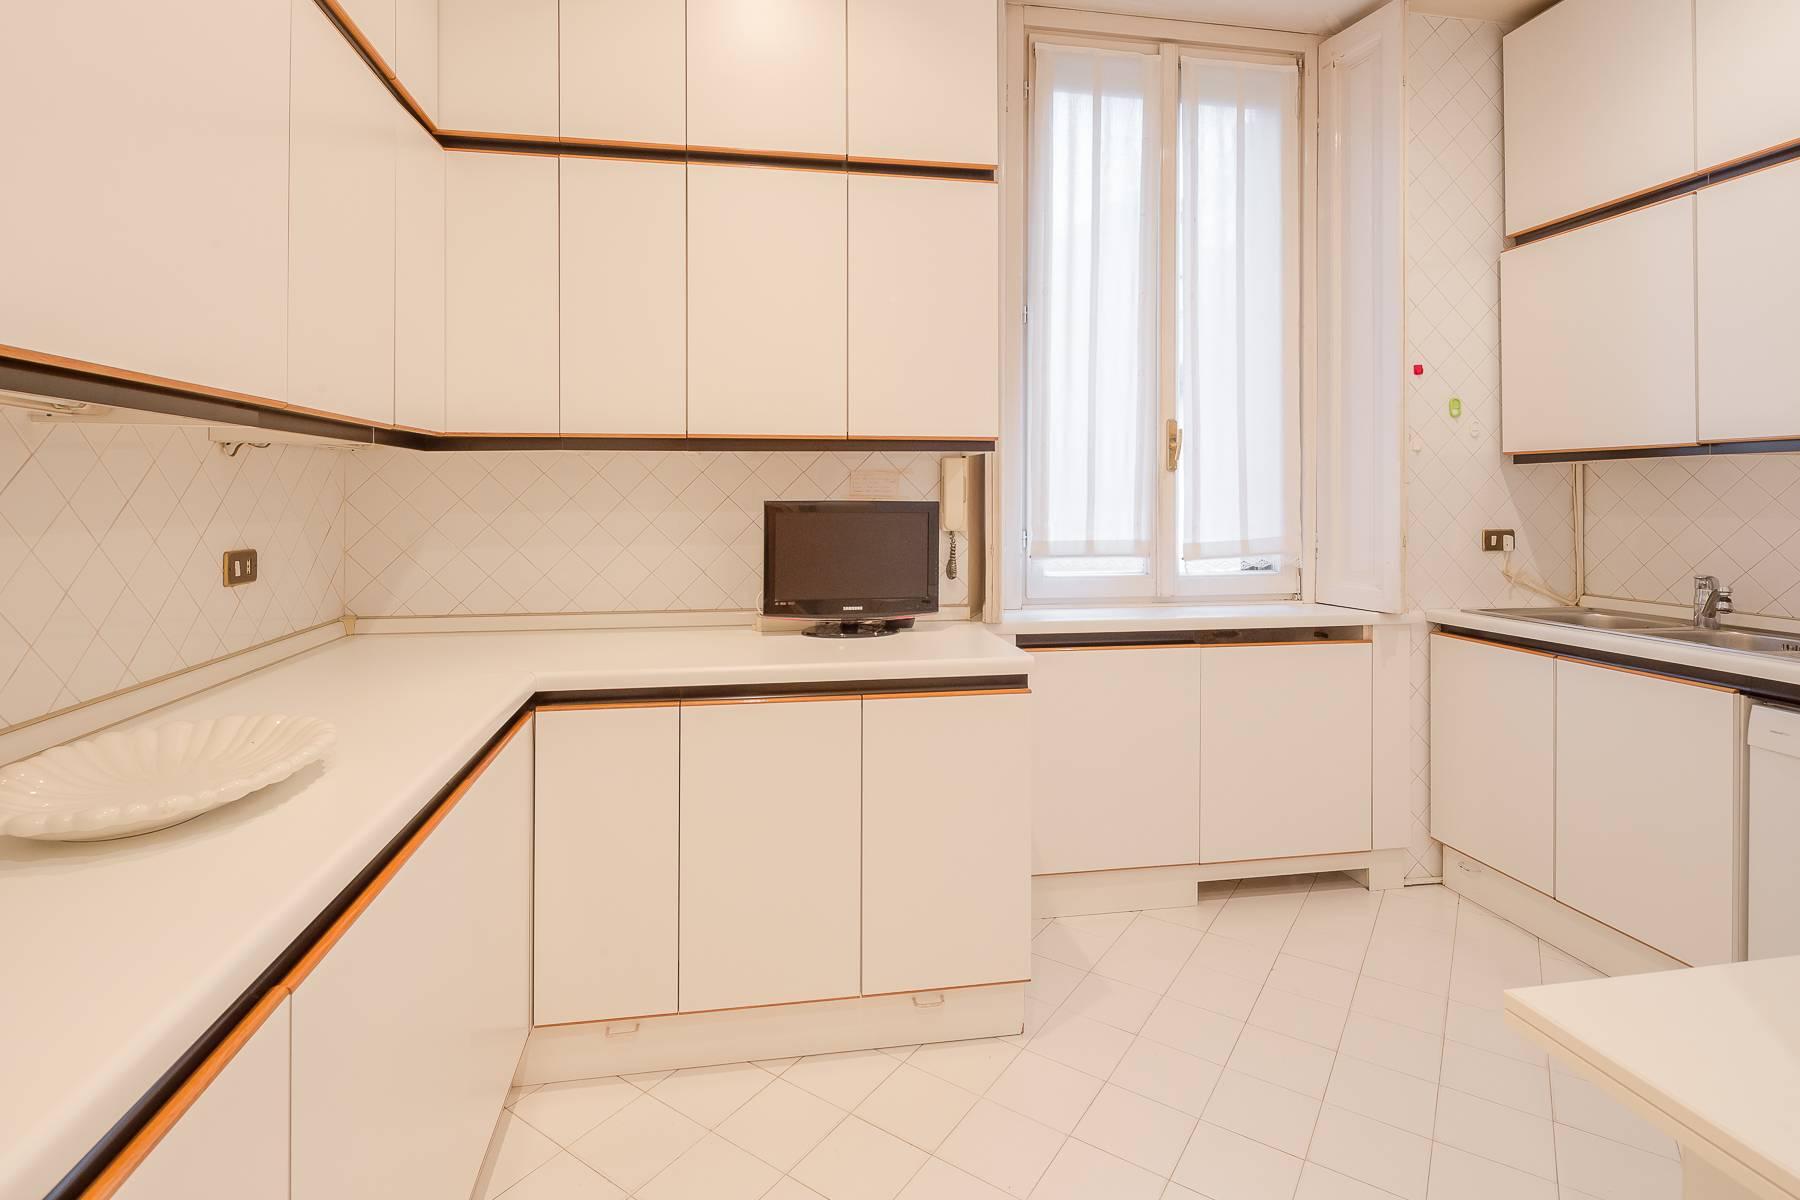 Appartamento in Vendita a Milano: 4 locali, 161 mq - Foto 14